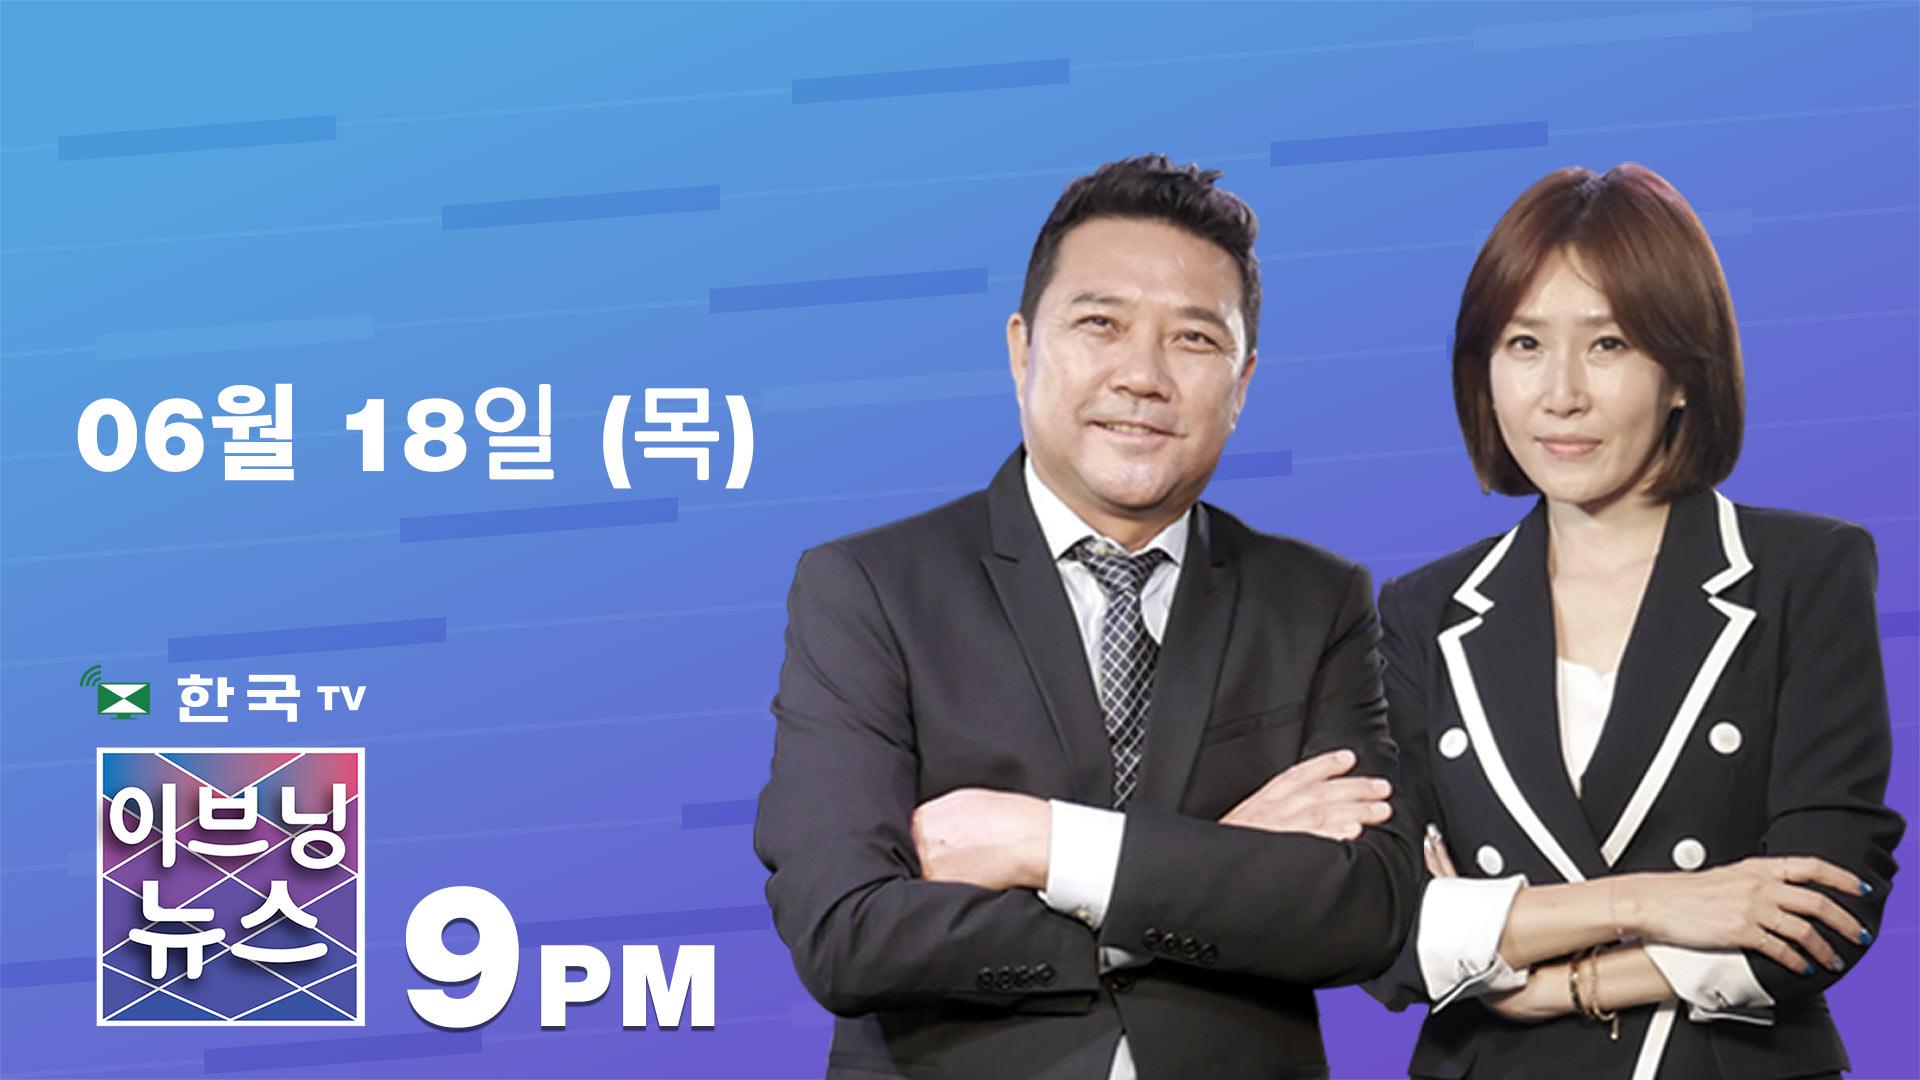 (06.18.2020) 한국TV 이브닝 뉴스